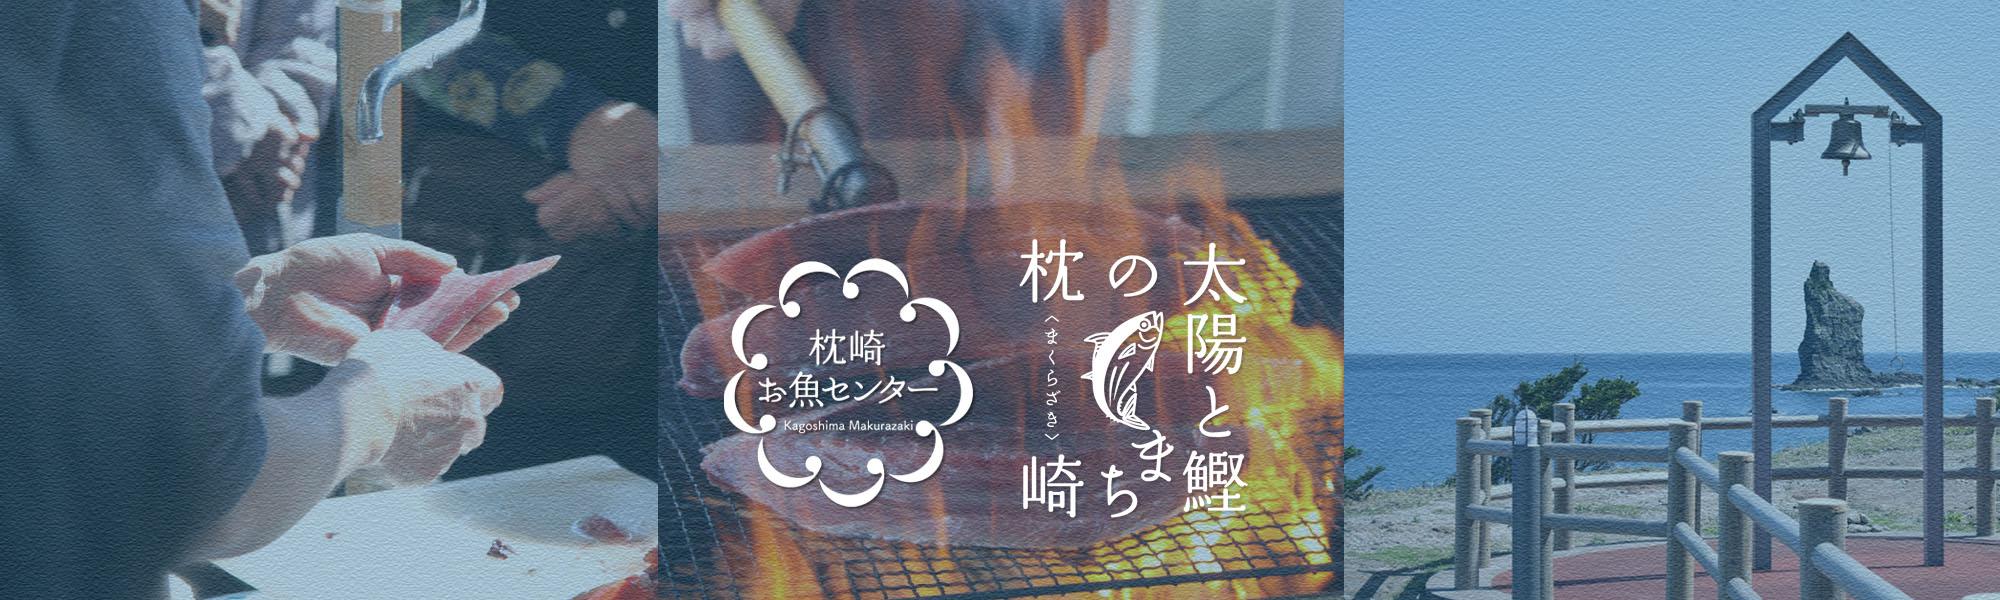 枕崎お魚センター カツオ節削り体験 イメージ画像